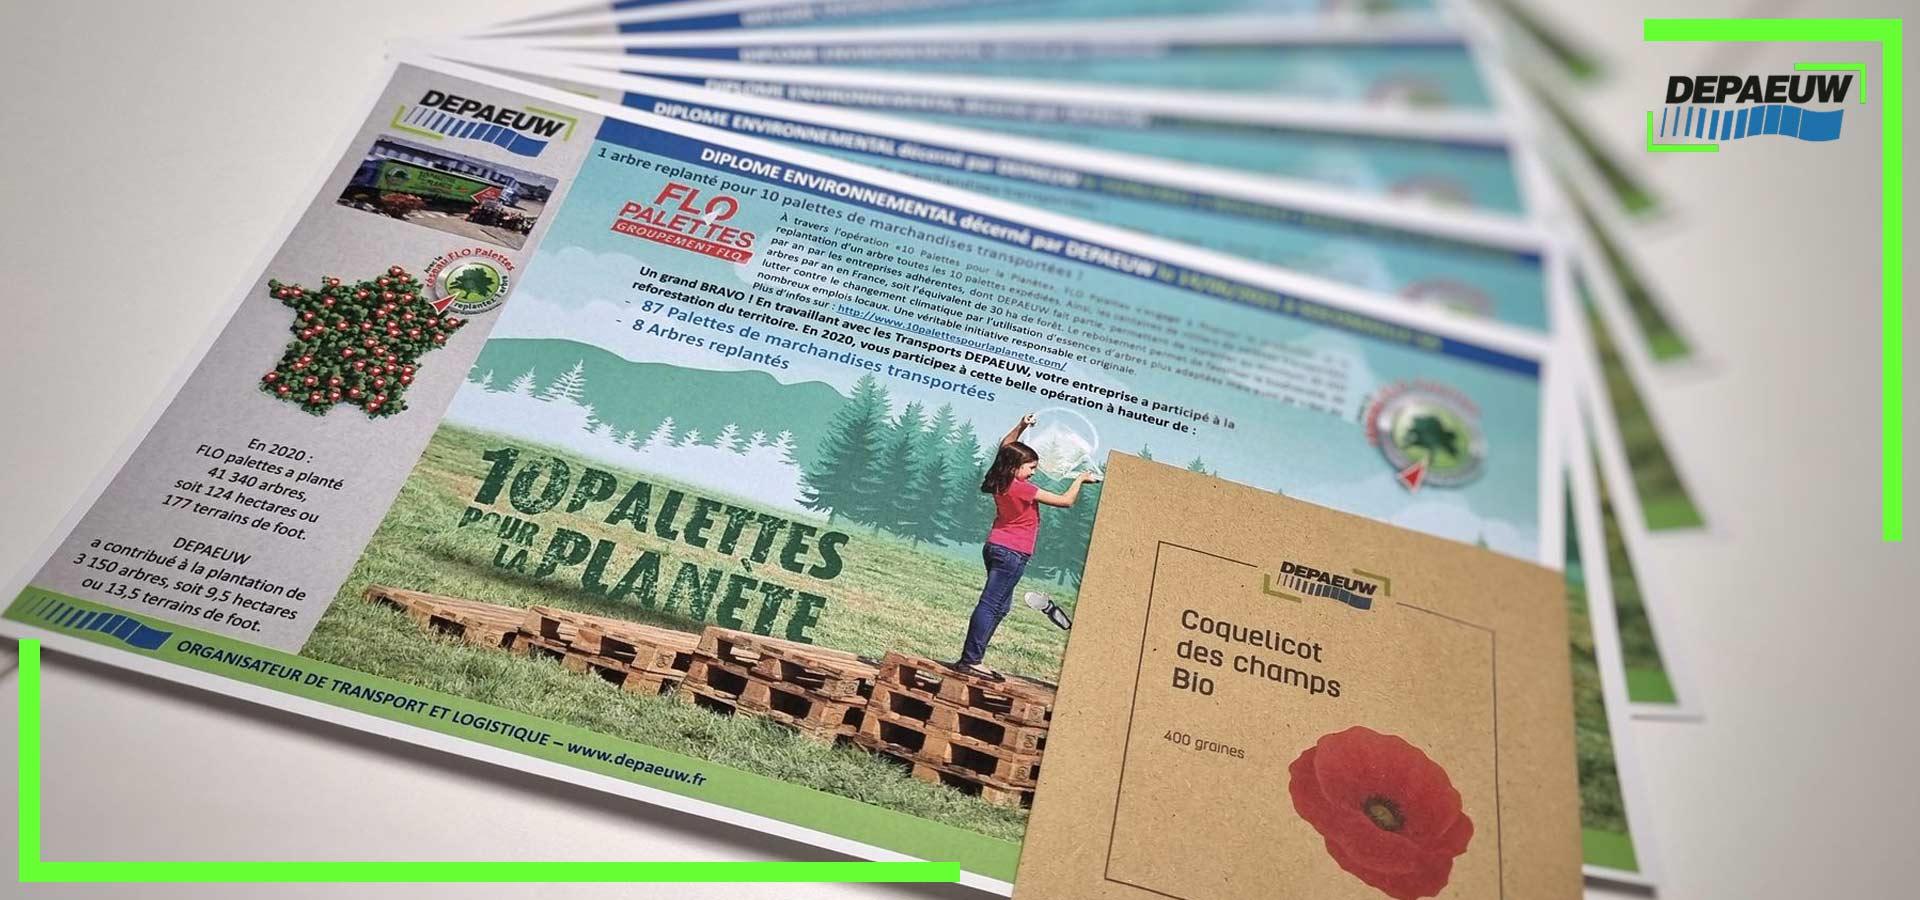 DEPAEUW félicite ses clients engagés dans la reforestation